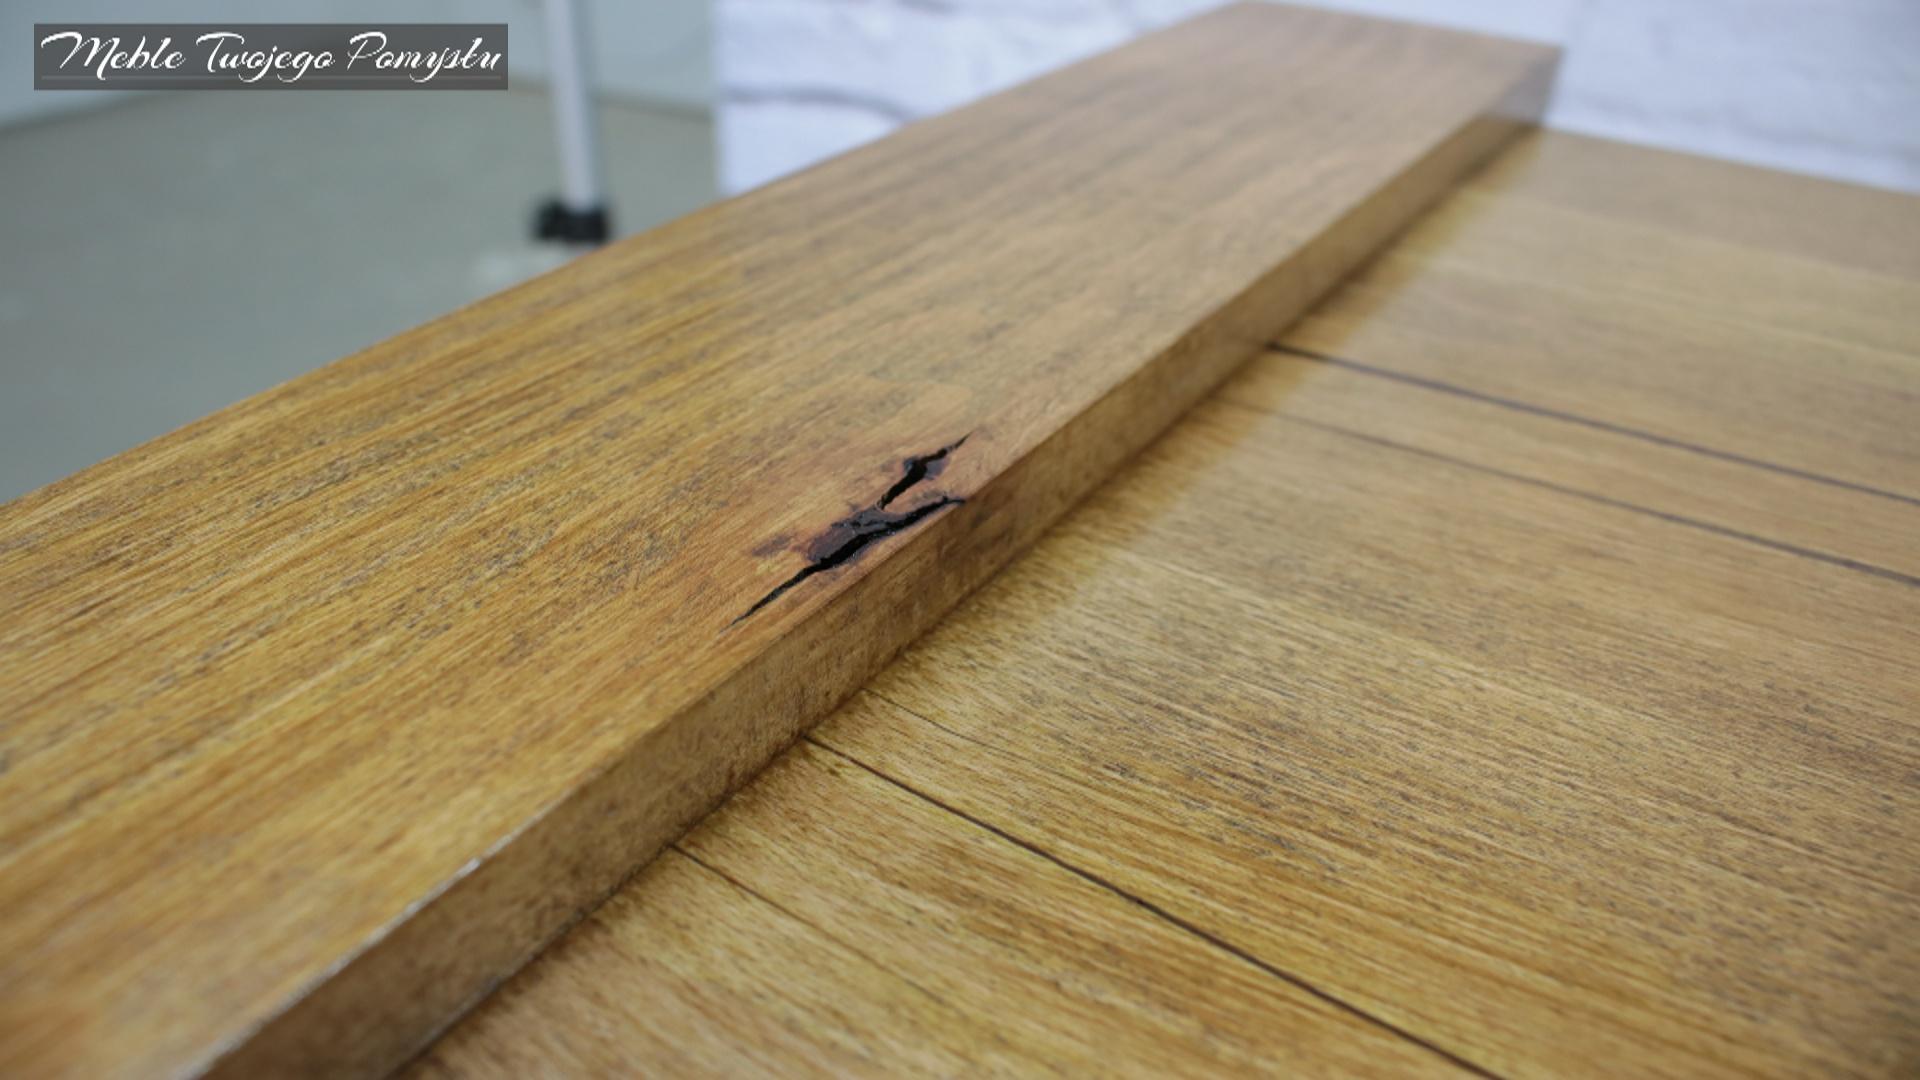 Wada drewna jako element wizualny